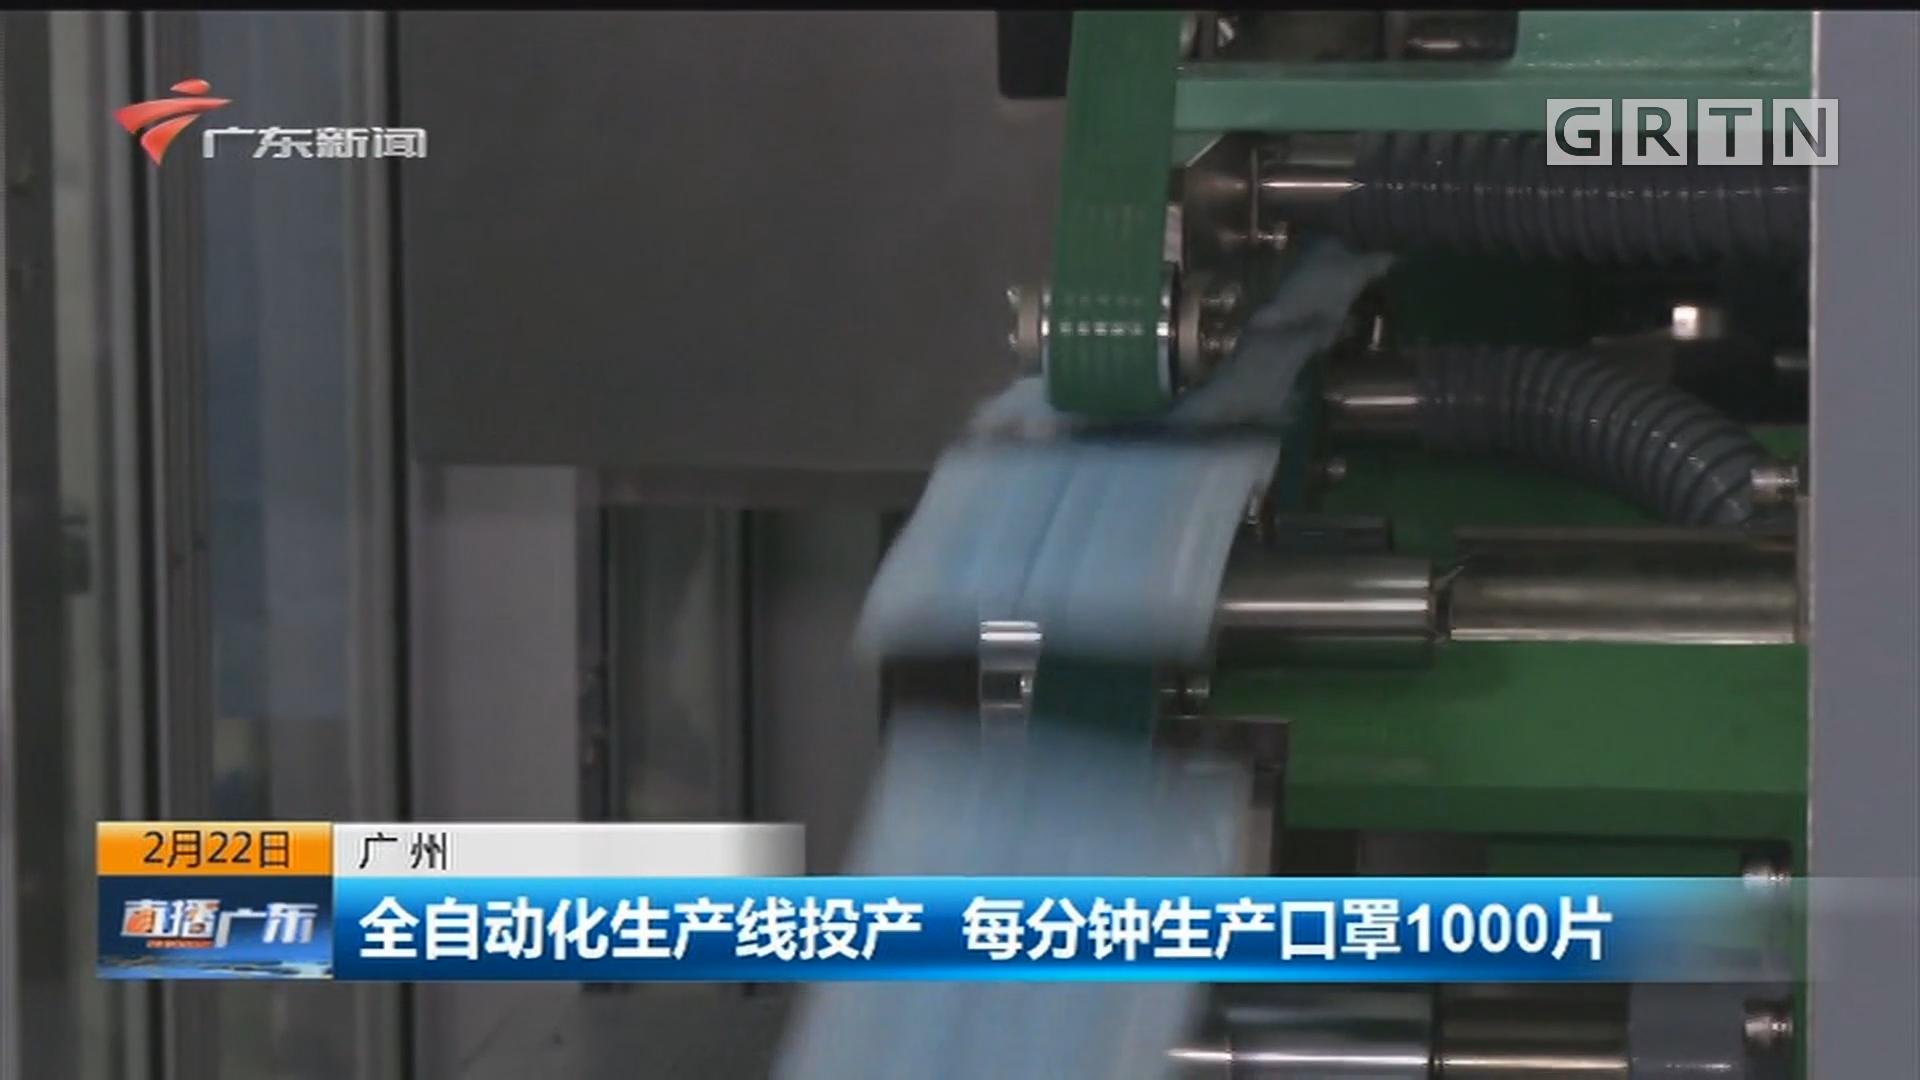 广州:全自动化生产线投产 每分钟生产口罩1000片